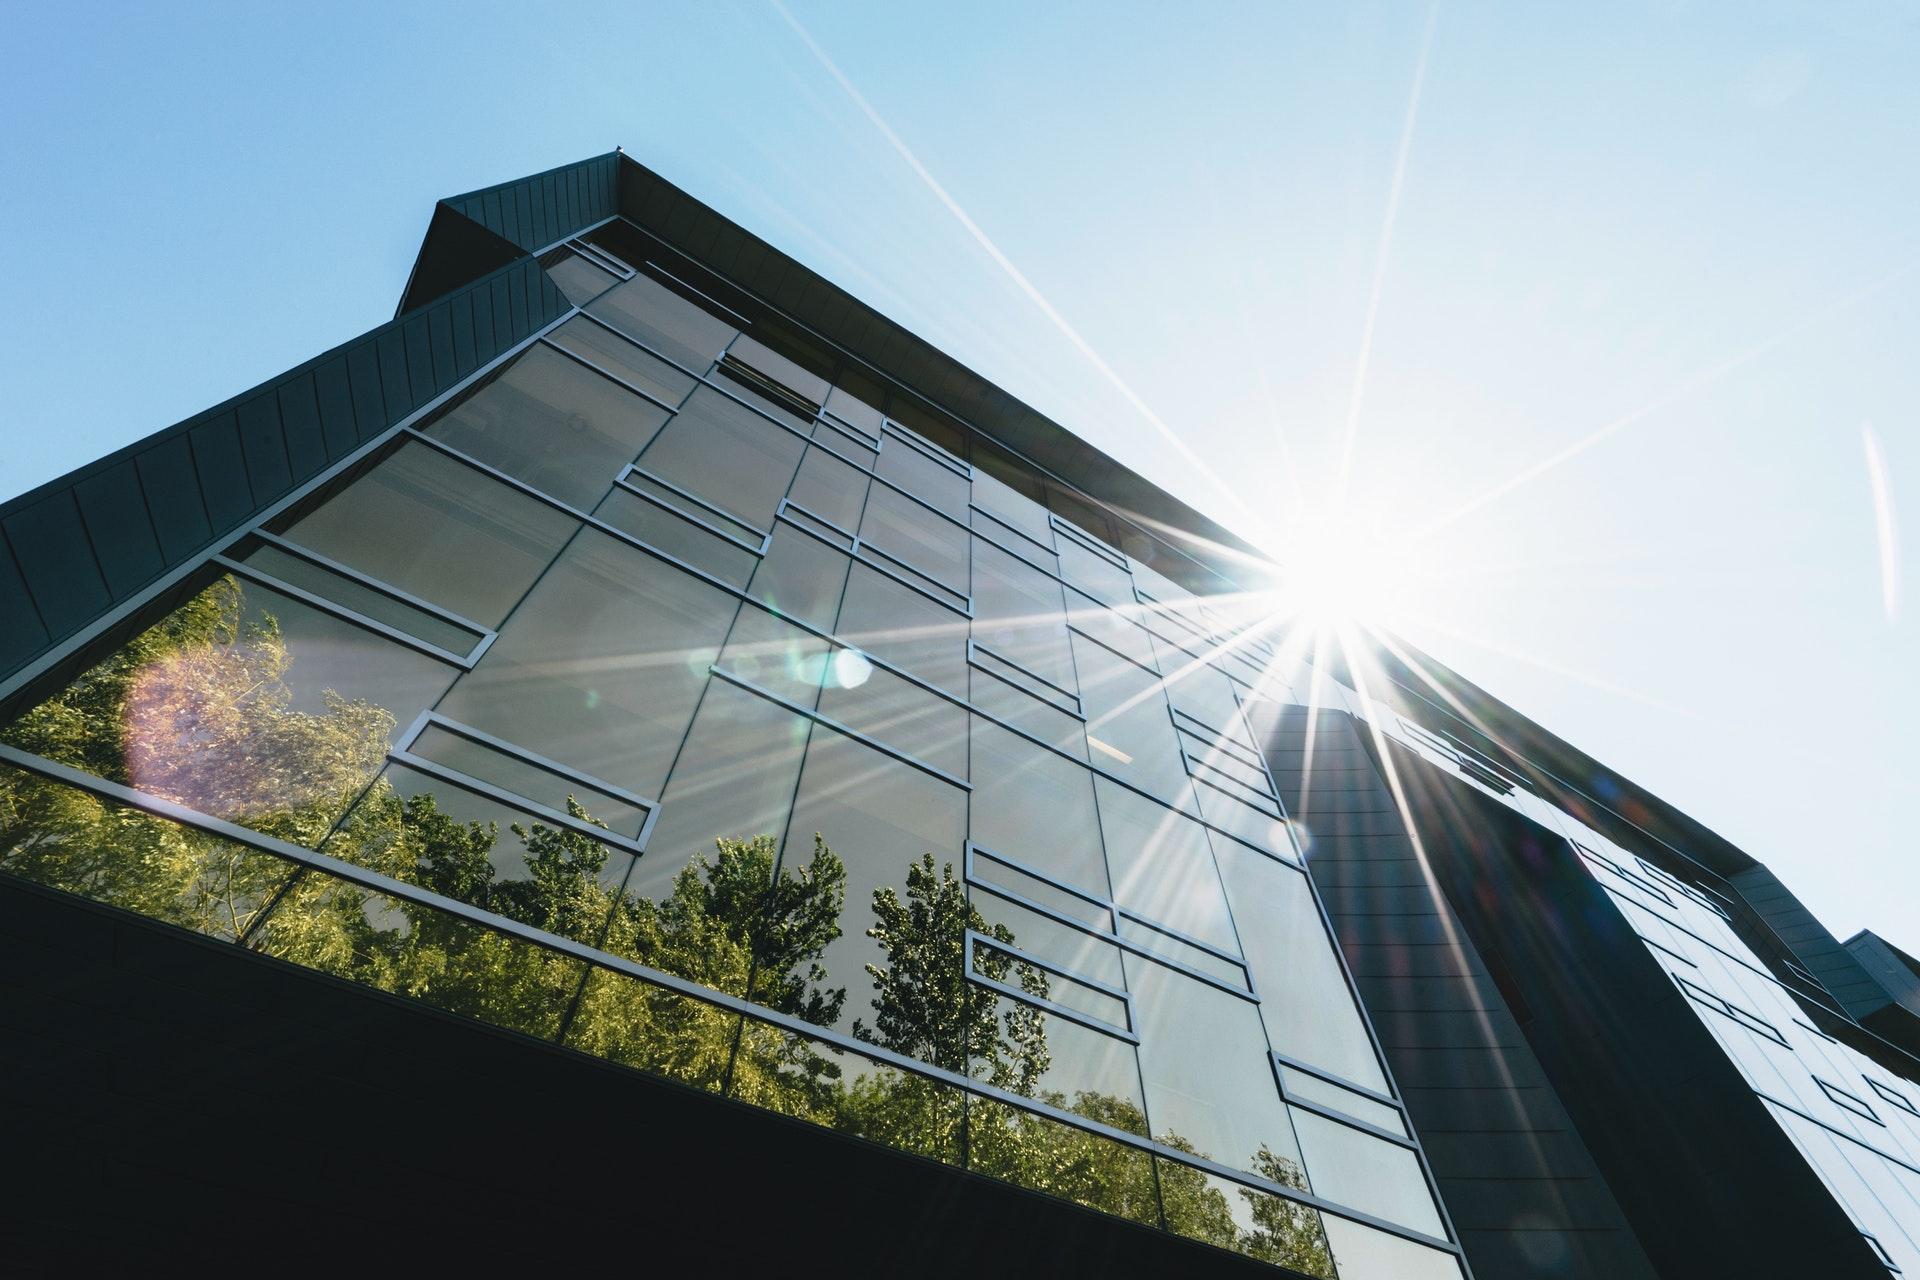 Primer plano de un edificio espejado en el que se reflejan árboles con sus copas llenas de hojas. En el techo del edificio inciden los rayos del sol.